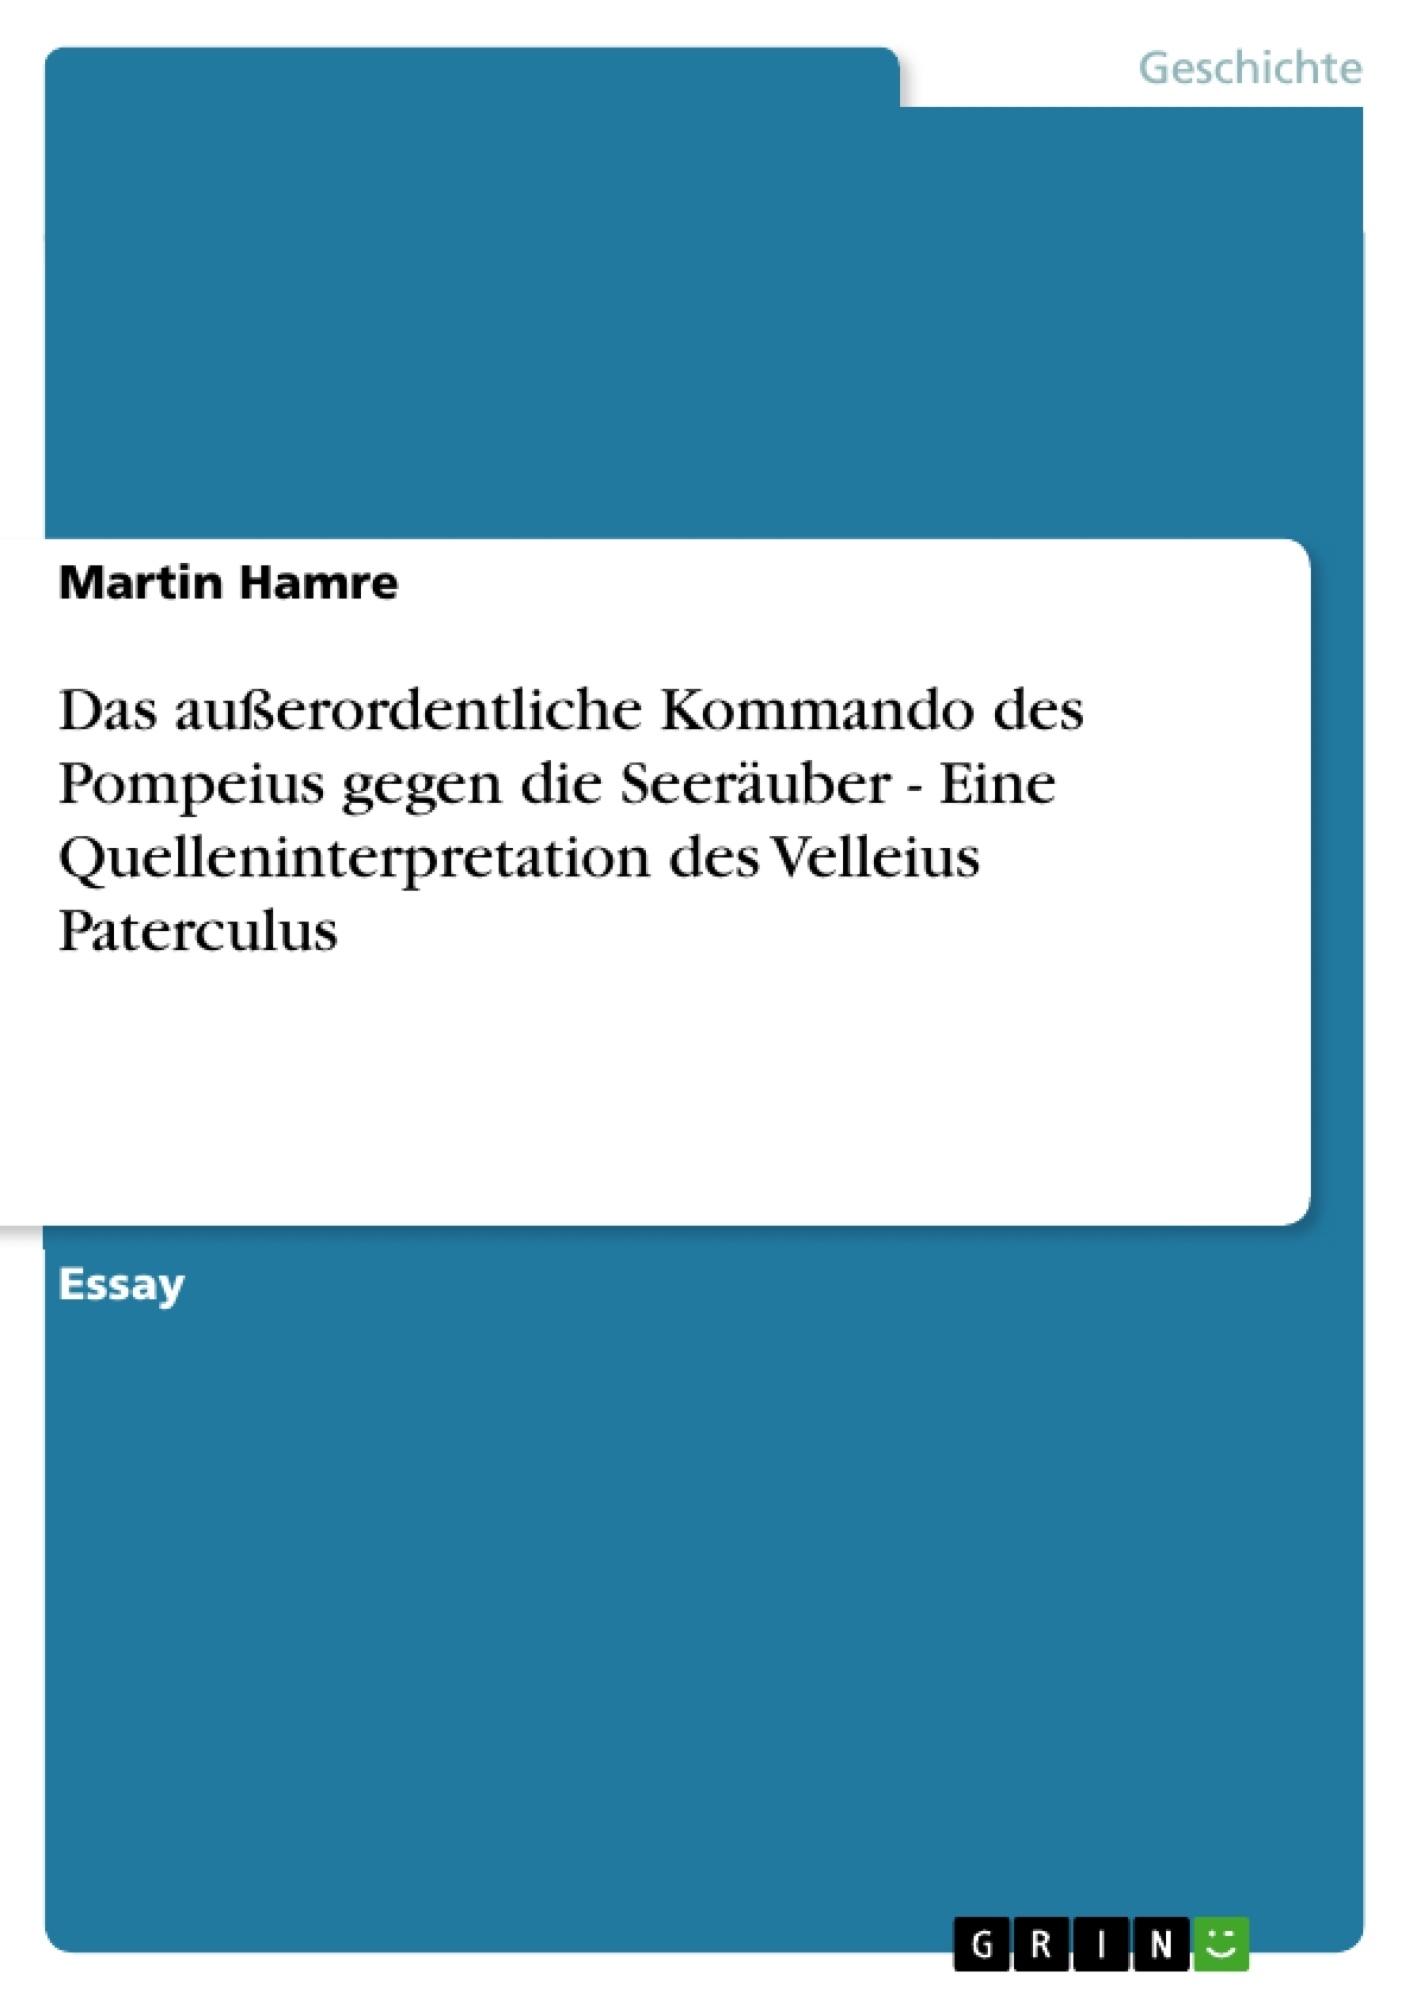 Titel: Das außerordentliche Kommando des Pompeius gegen die Seeräuber - Eine Quelleninterpretation des Velleius Paterculus